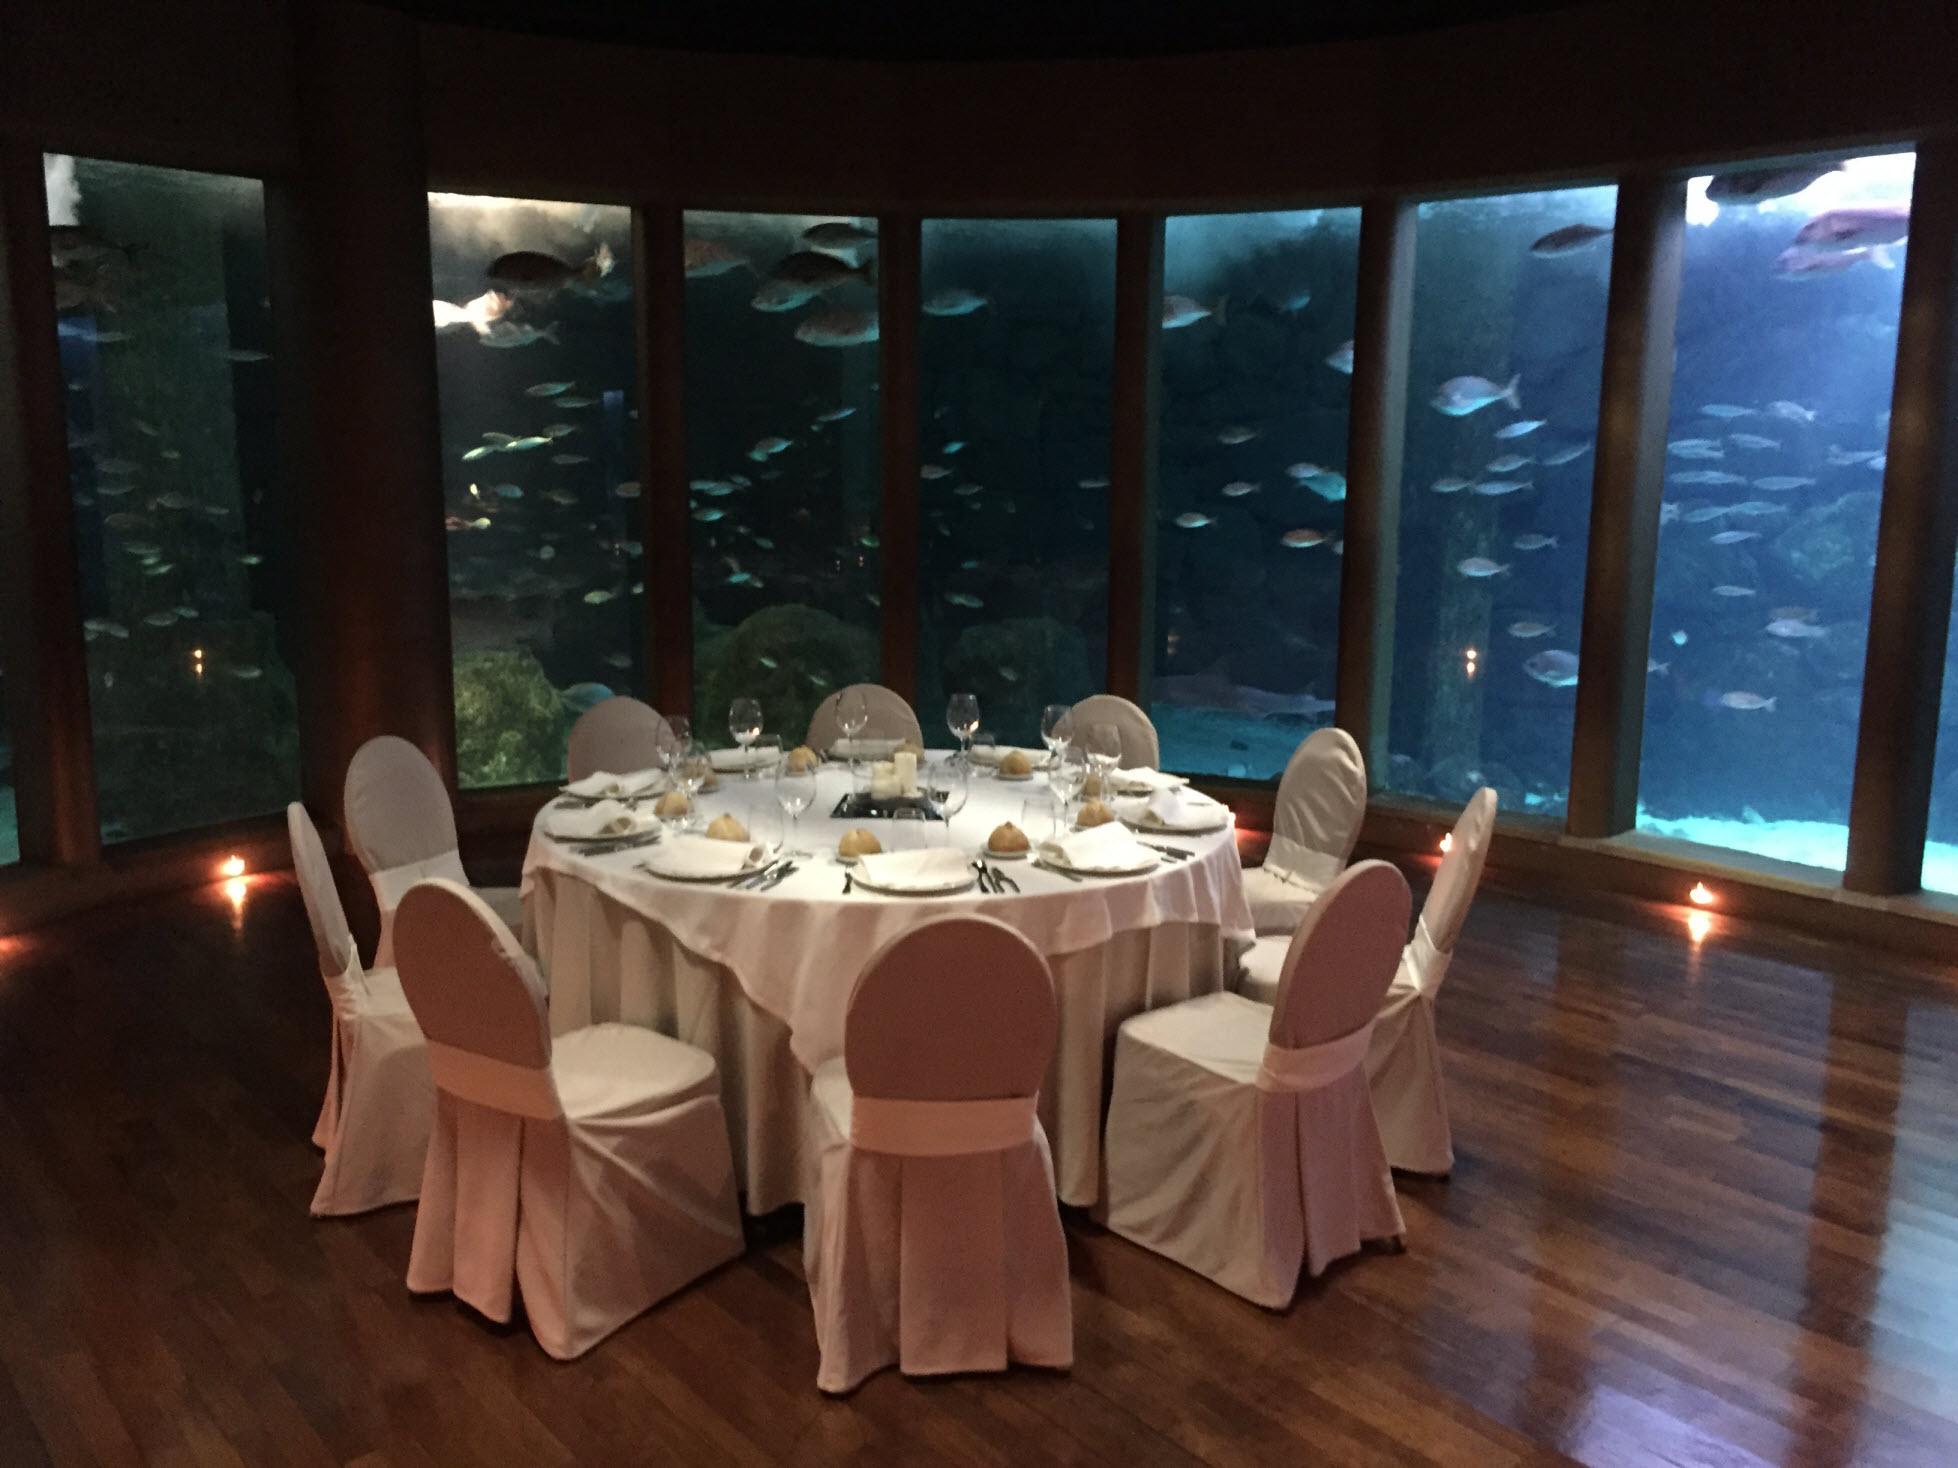 Galer a nautilus restaurante finisterrae acuario - Restaurante julio verne ...